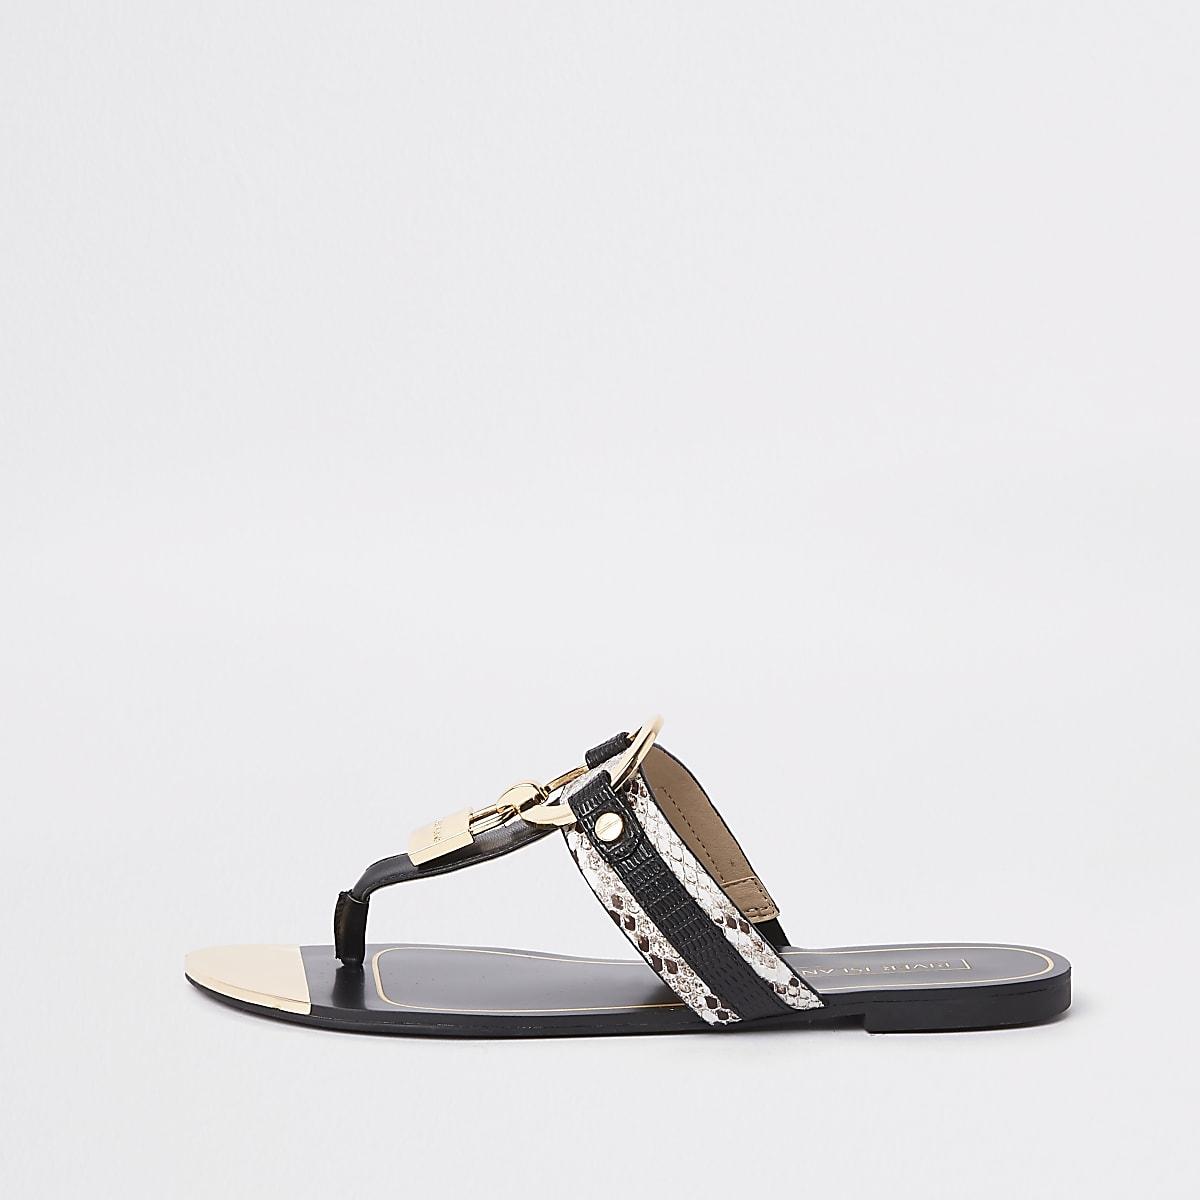 Zwarte sandalen met brede pasvorm